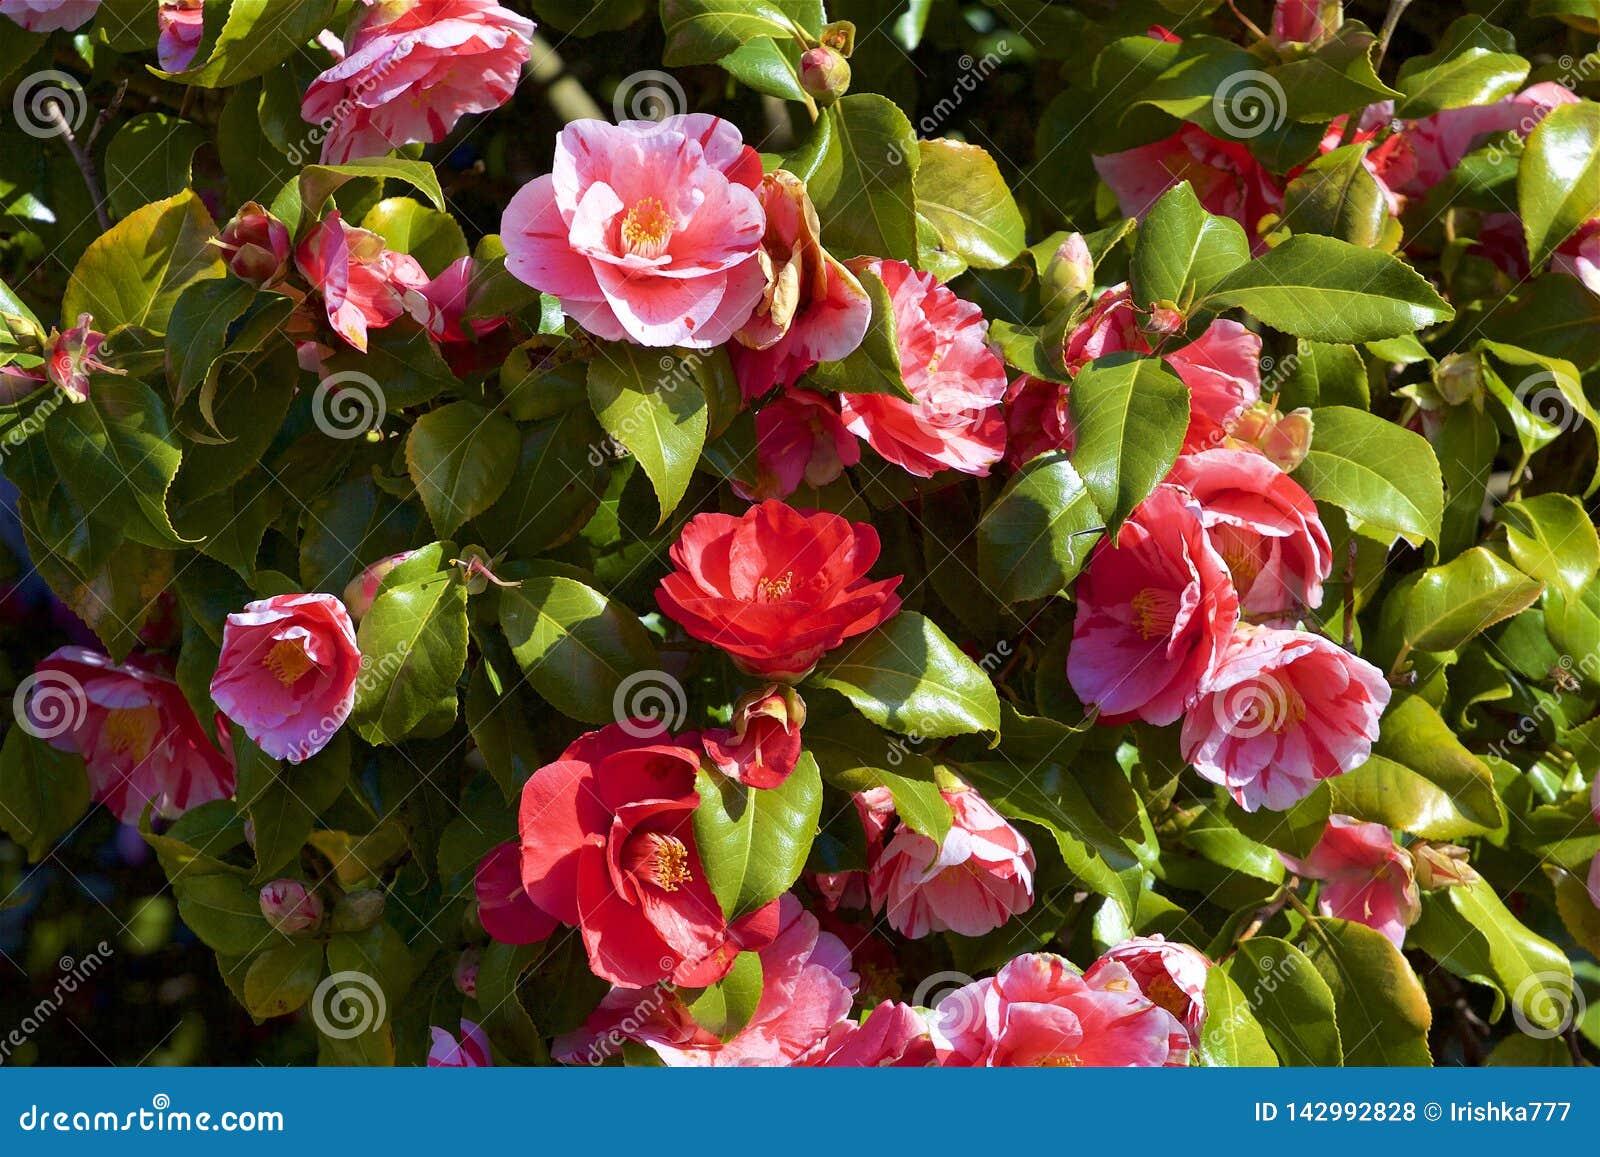 Rose bush in bloom